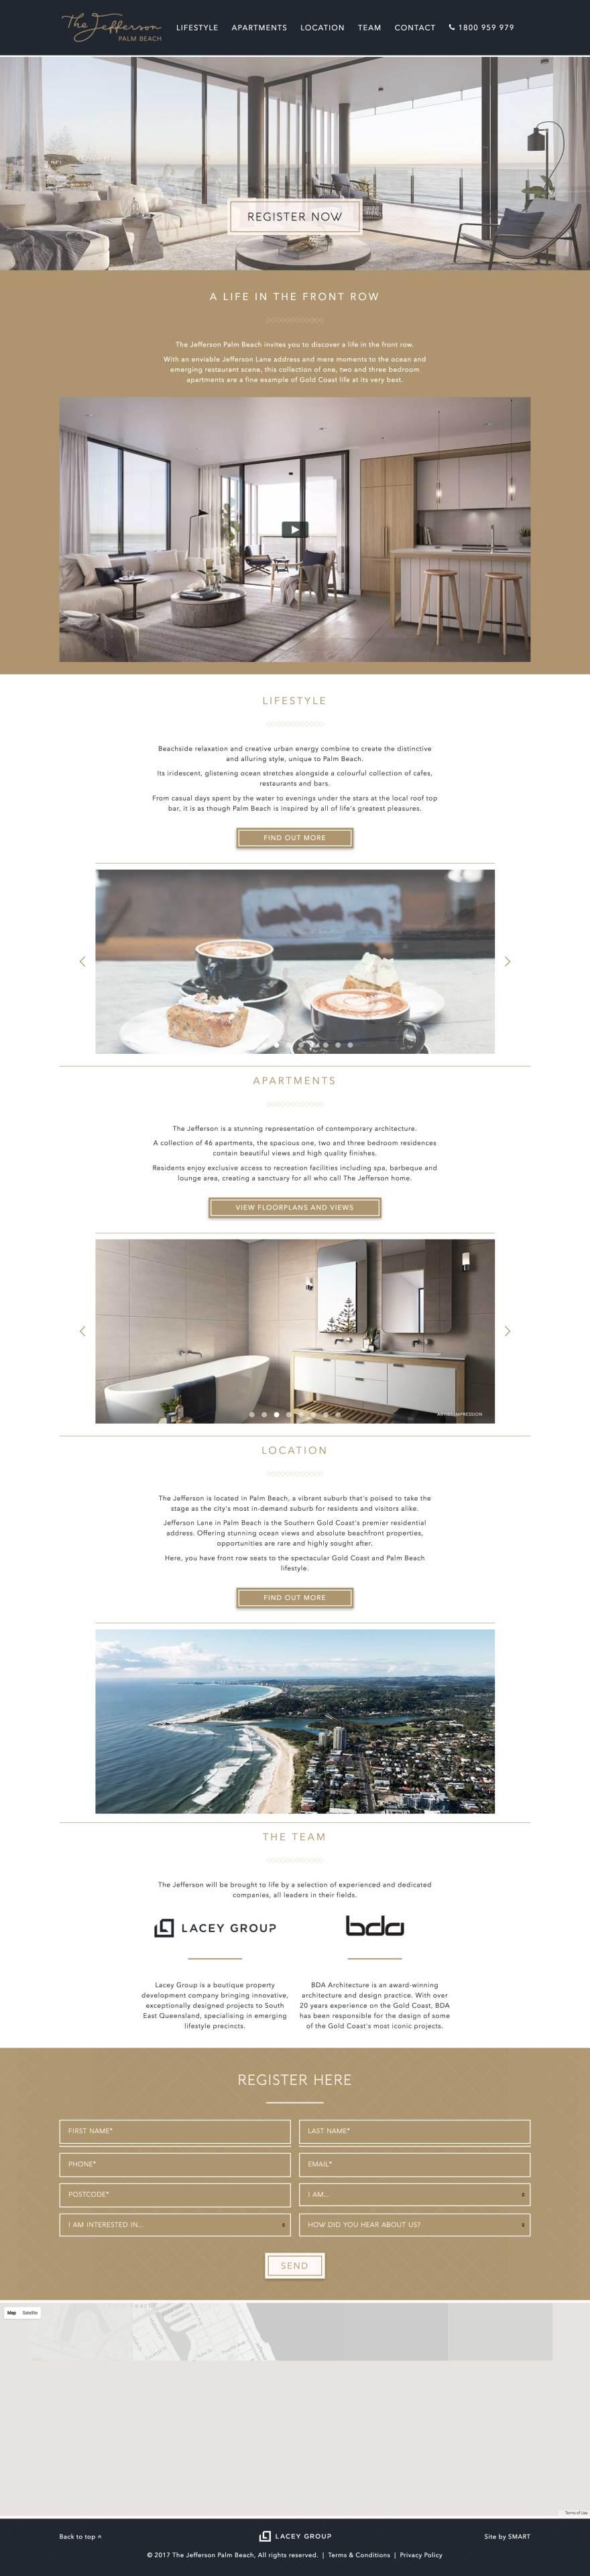 TheJefferson-Website